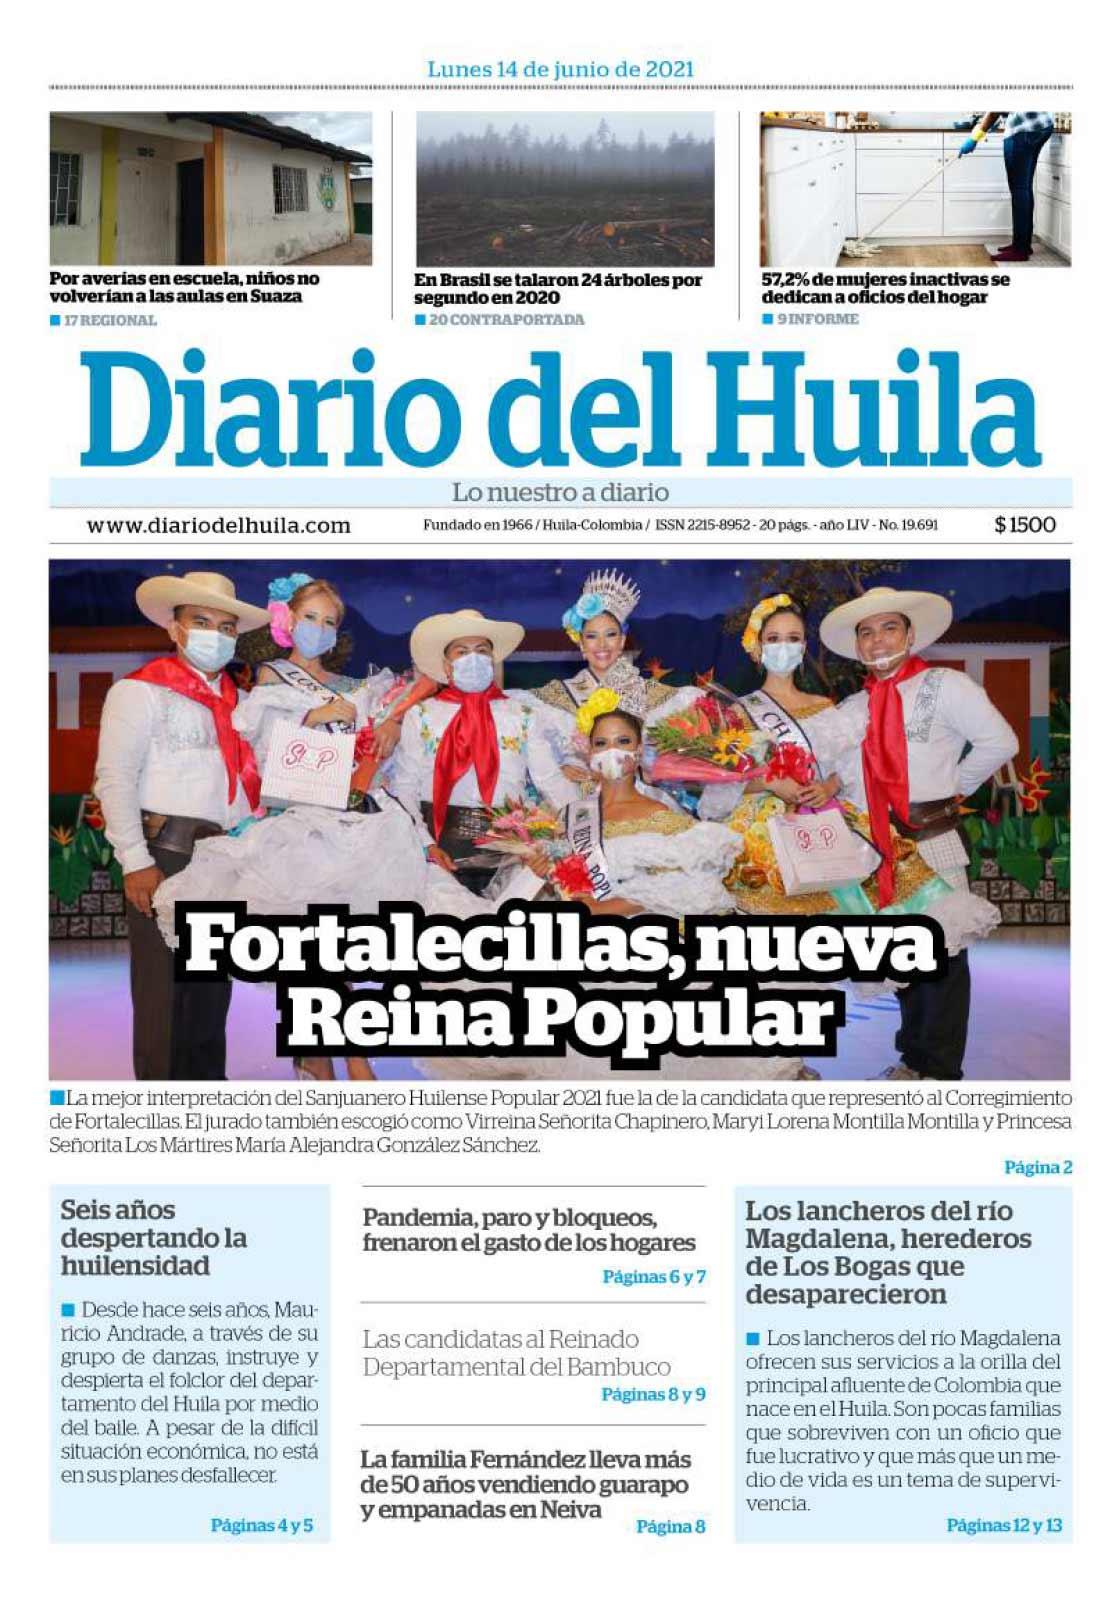 Diario del Huila 14 de junio de 2021